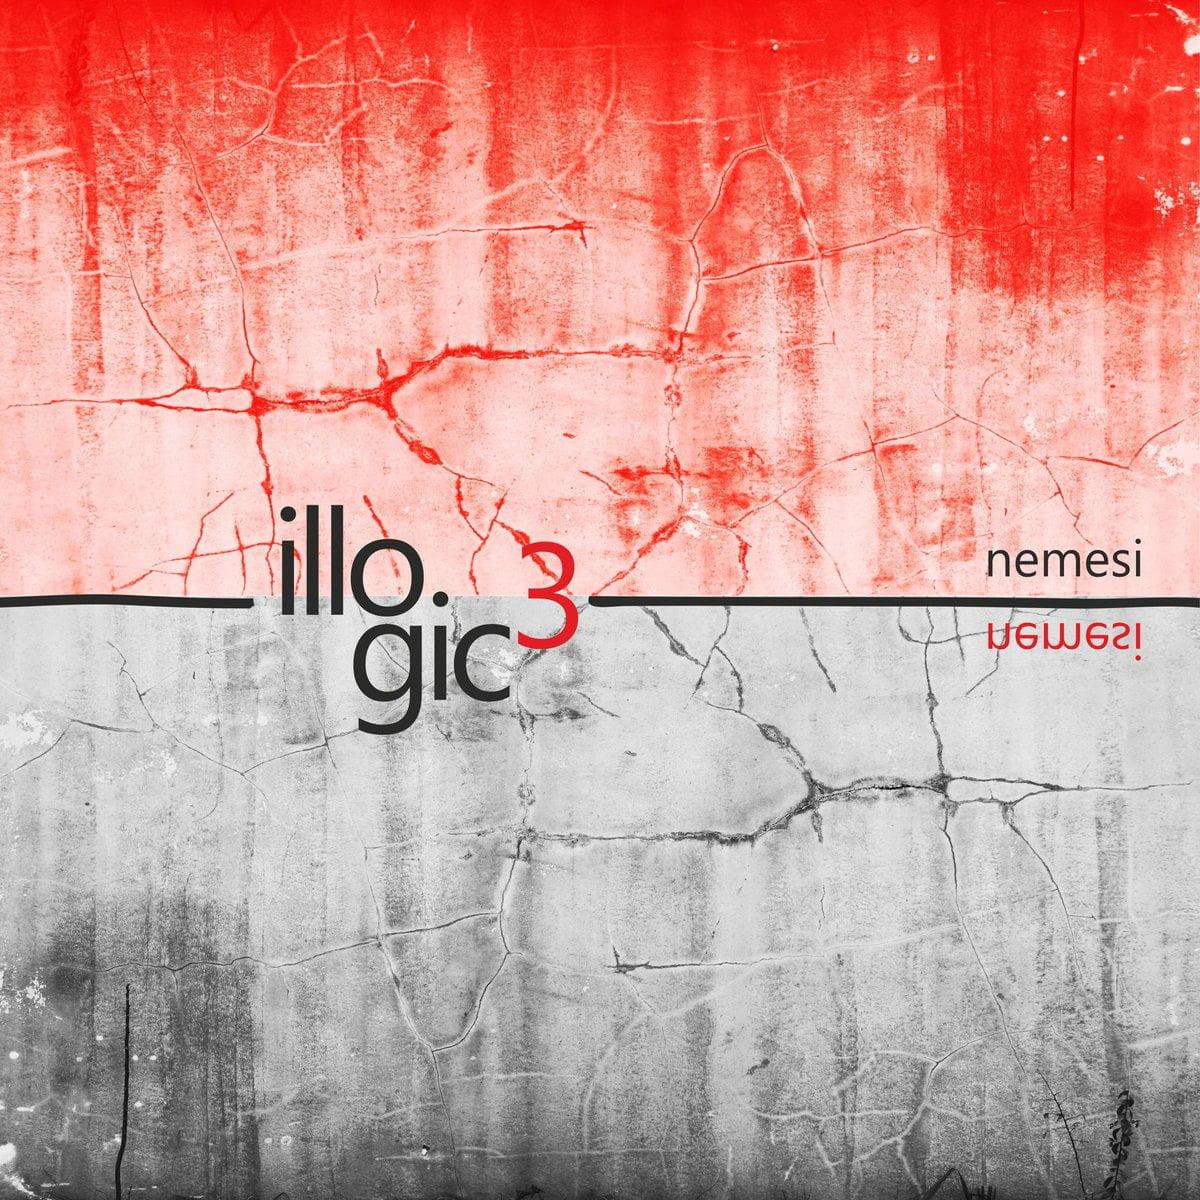 Illogic Trio - nemesi